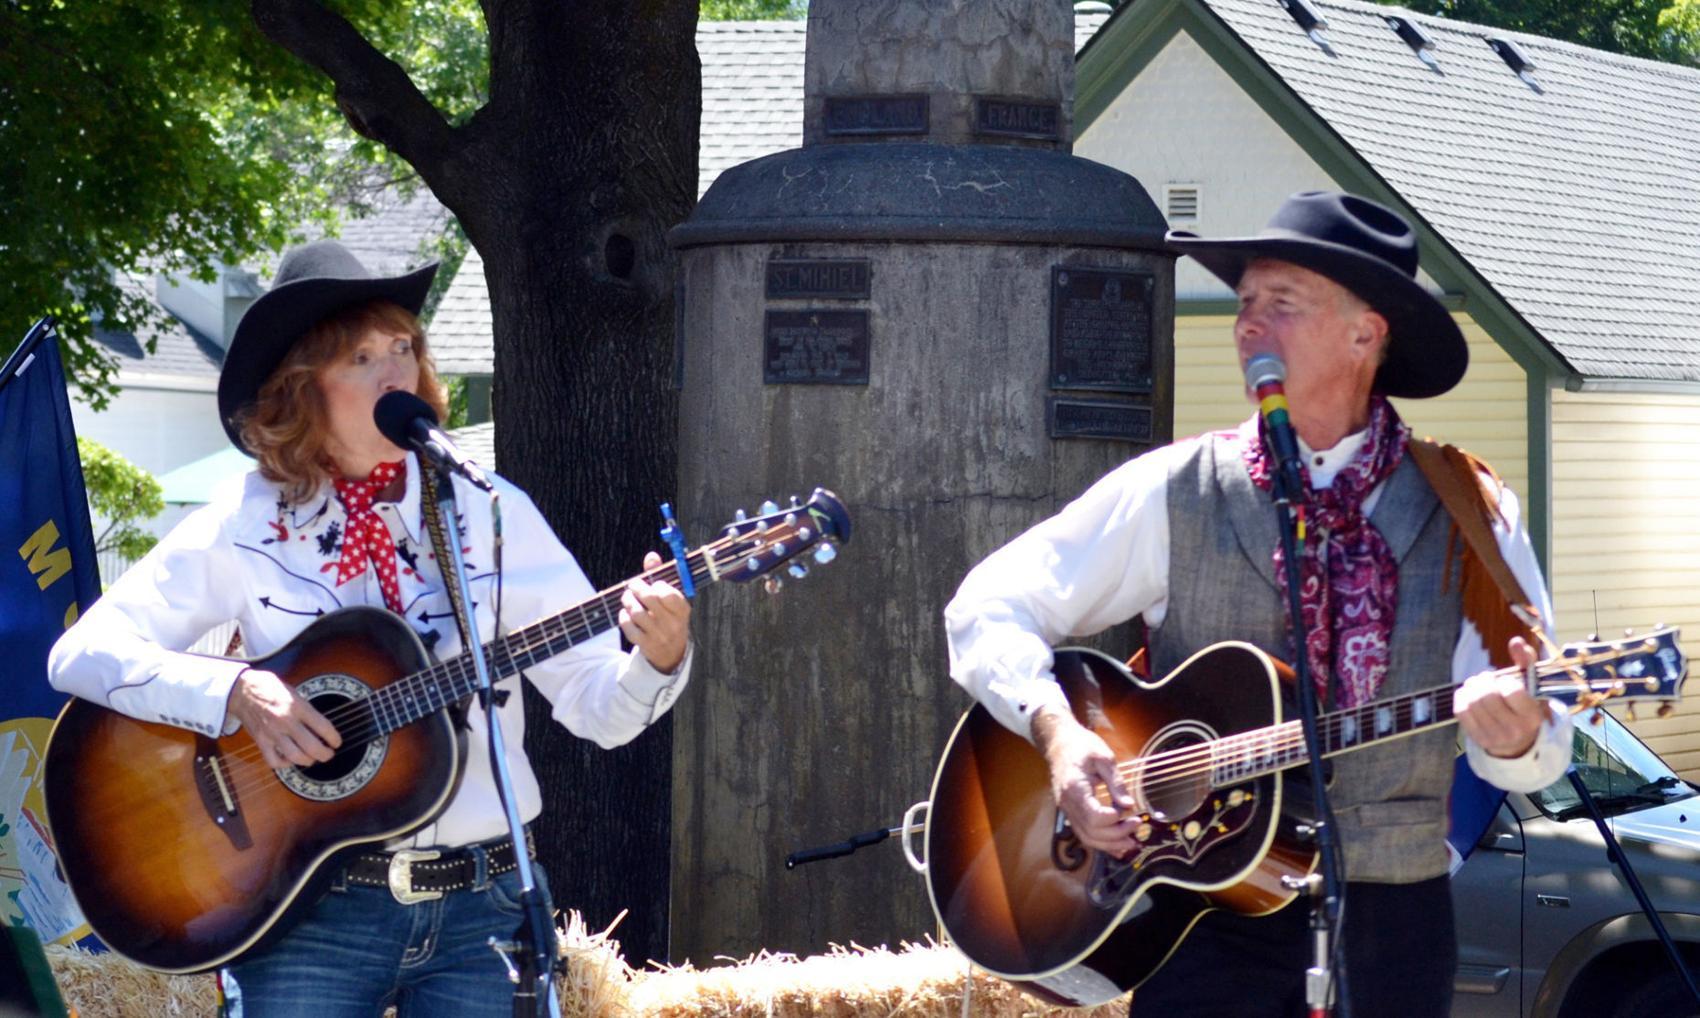 Charla And Doug Hogan